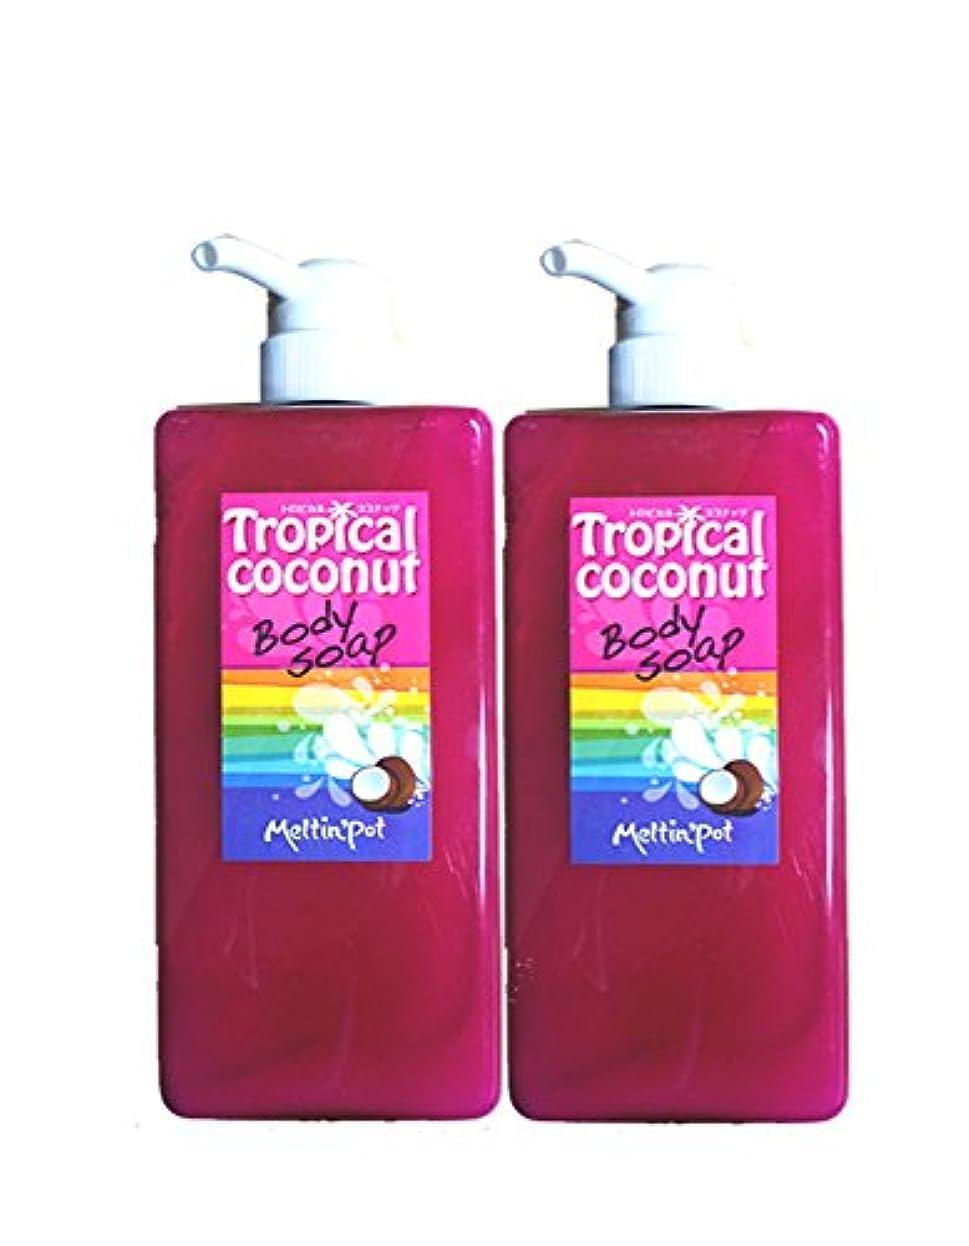 分析的な劇作家砂漠トロピカルココナッツ ボディソープ 600ml*2セット Tropical coconut Body Soap 加齢臭に!